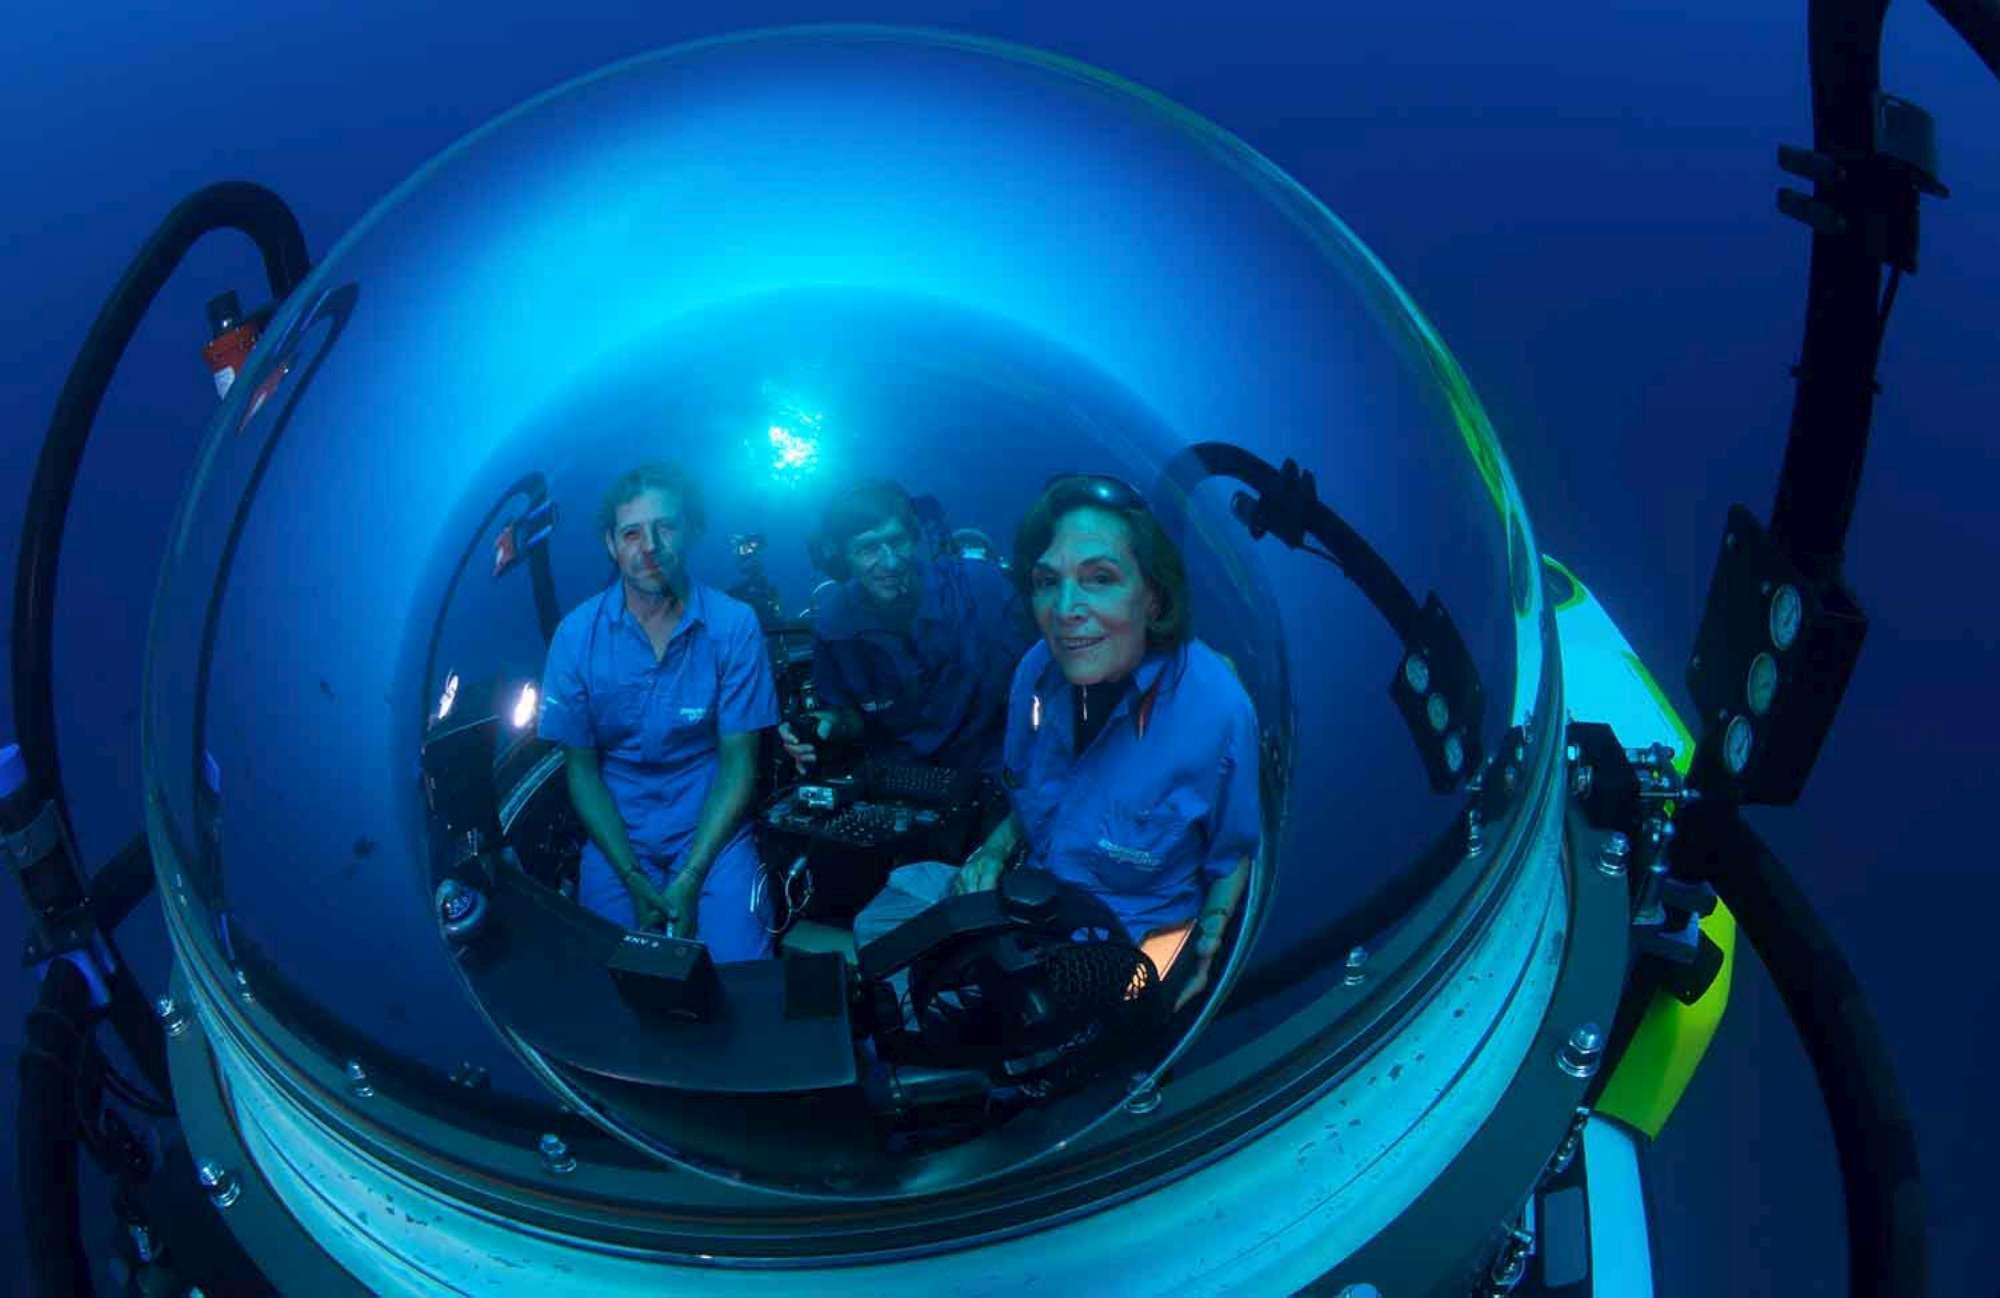 Il sottomarino personale: un lusso da un milione di dollari